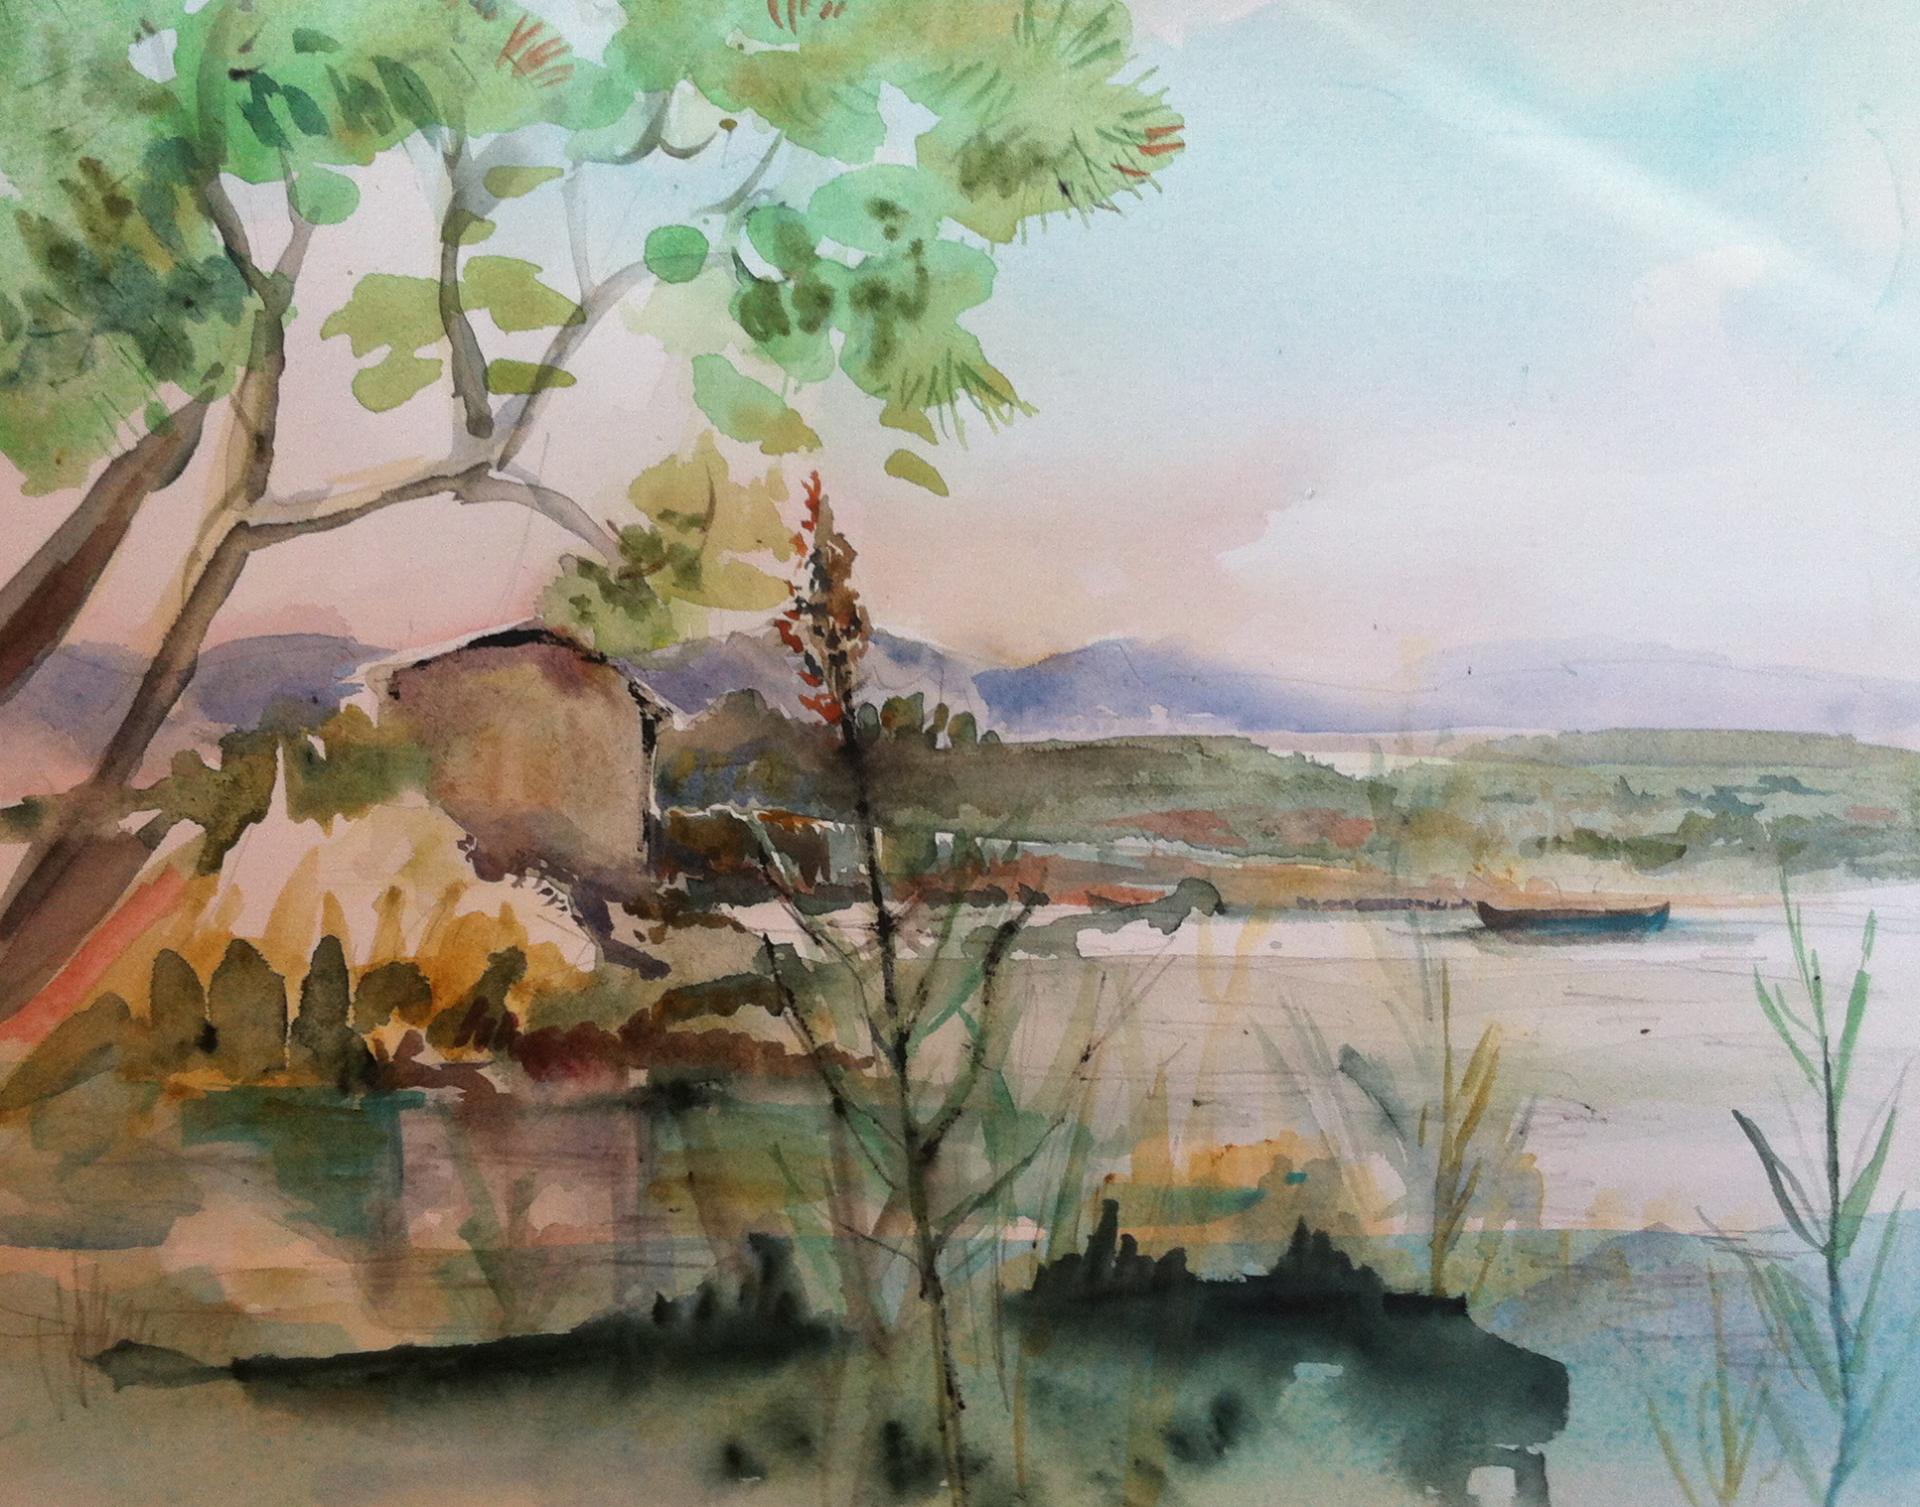 La Petite Camargue sur l'Etang de Berre